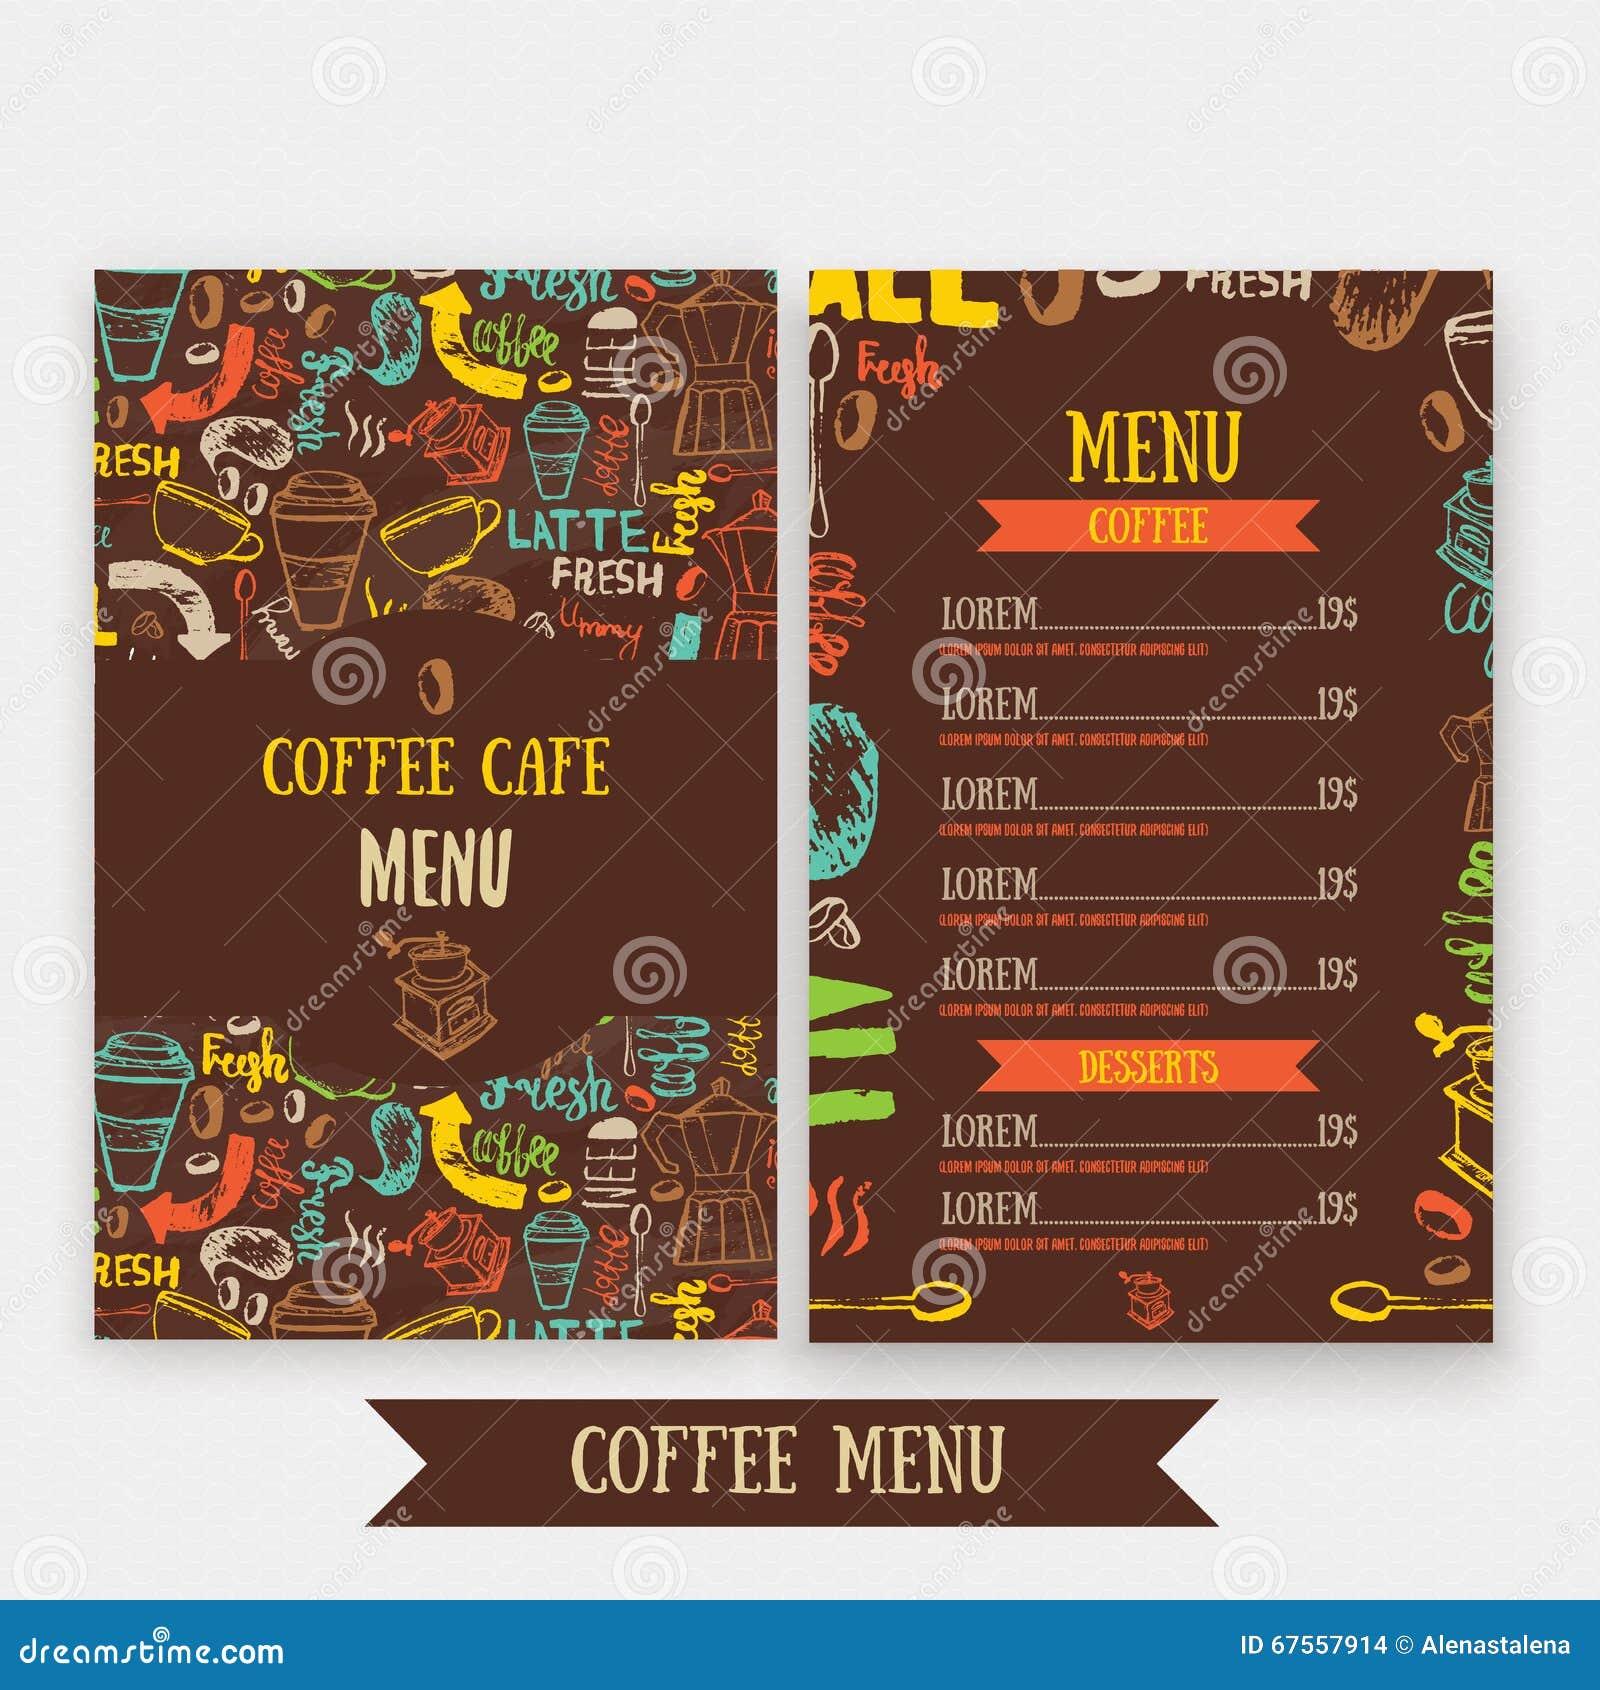 Dise o de la plantilla del men del caf con las letras for Disenos de menus para cafeterias